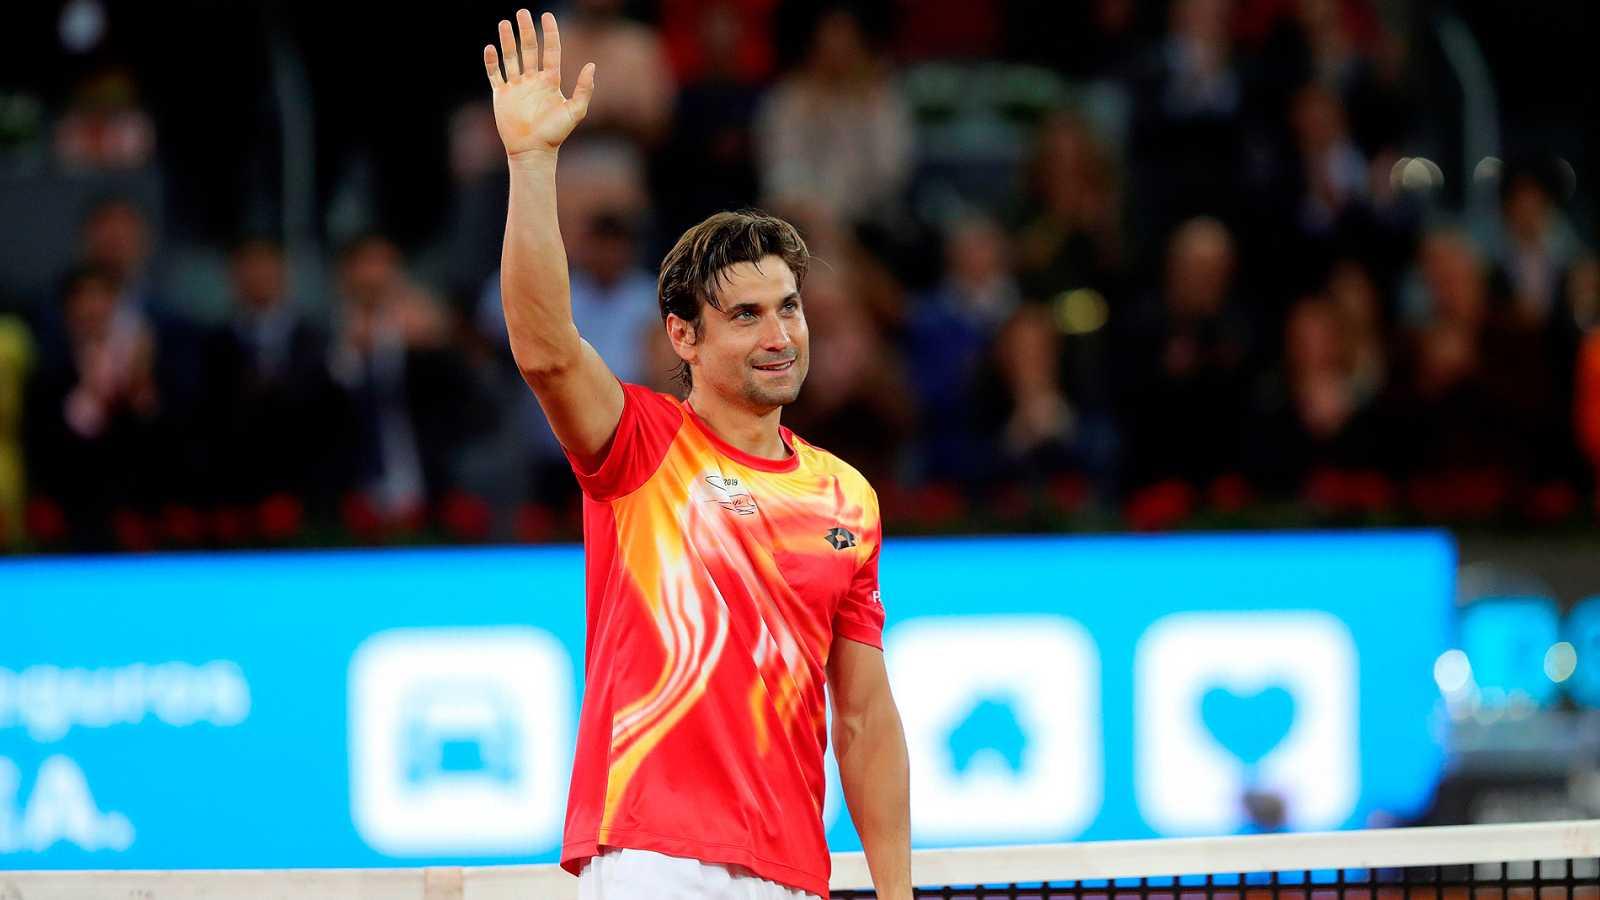 """El tenista español David Ferrer ha dicho adiós a su carrera como tenista al caer en Madrid con Alexander Zverev. Ferrer ha dicho que es un """"privilegiado"""" por haber terminado así y se ha mostrado feliz por su despedida."""